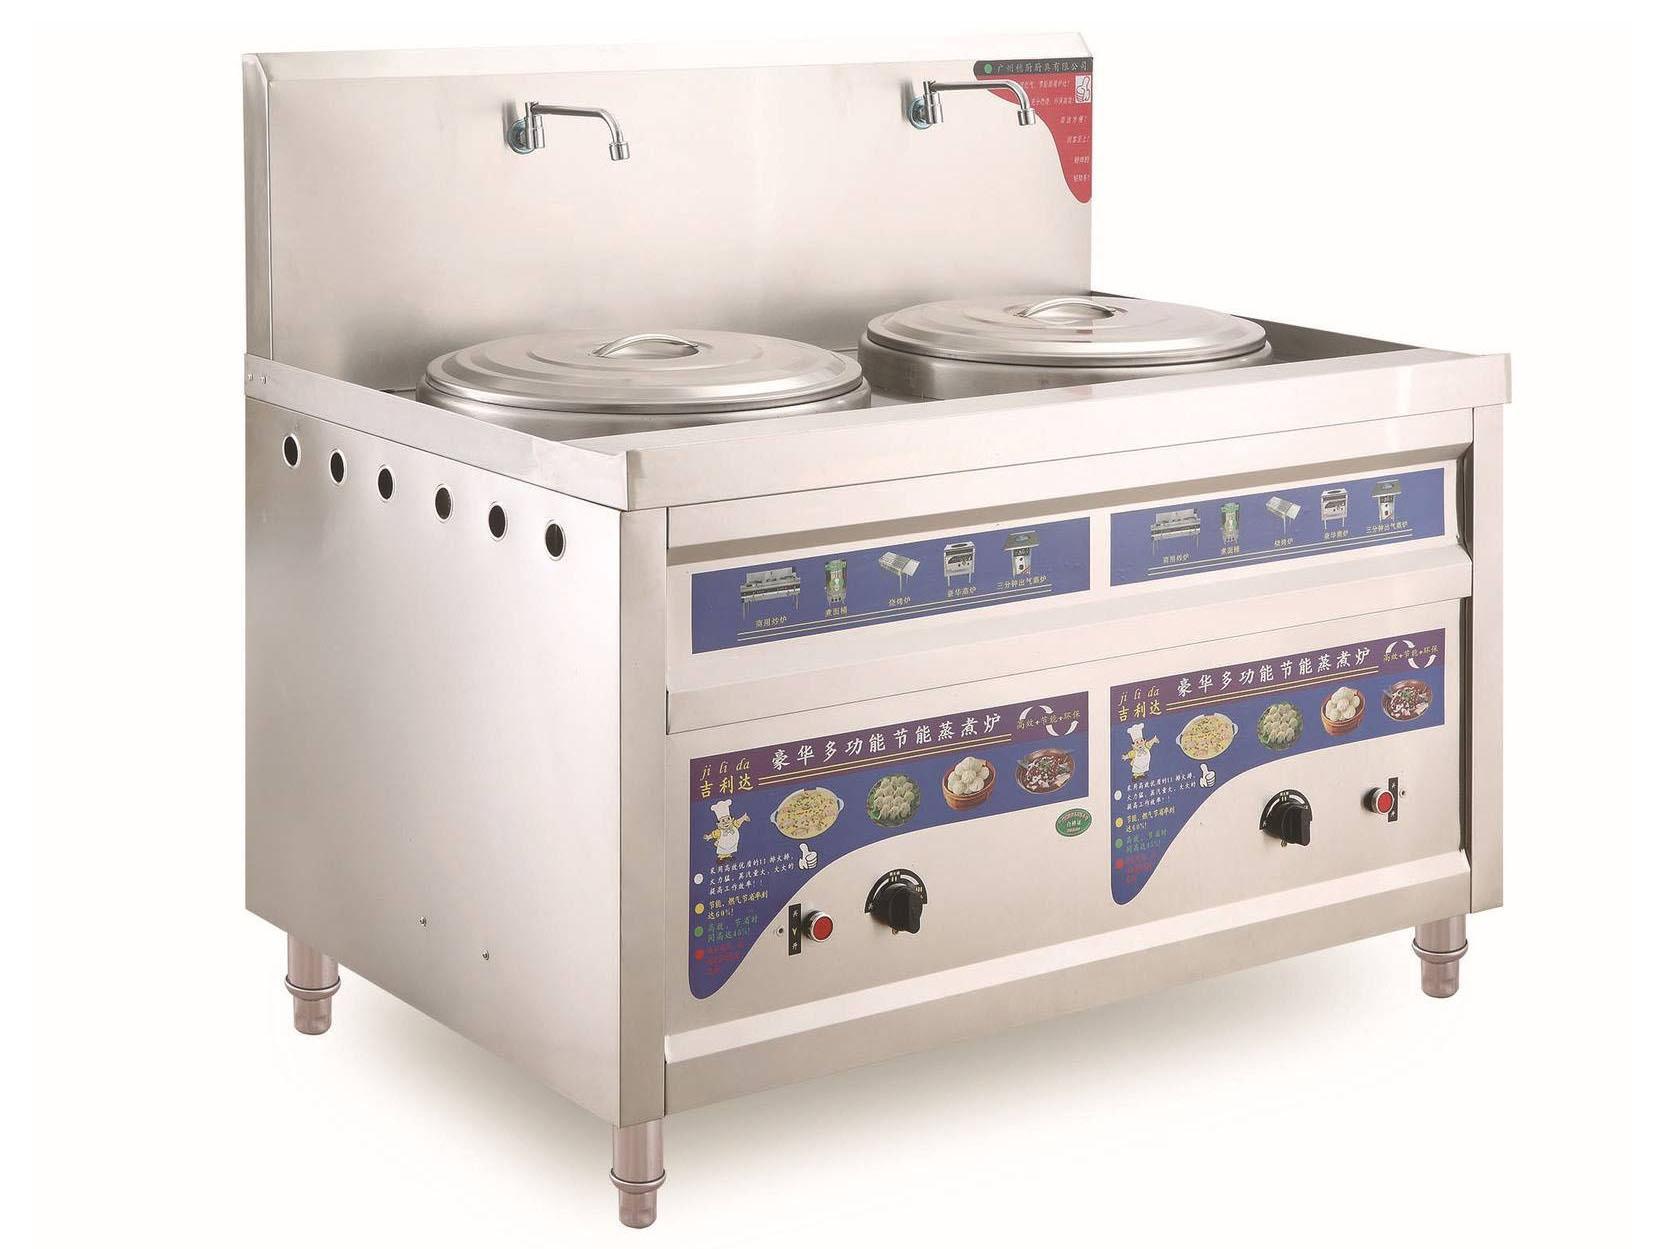 四川吧台厨房设备-双头煮面柜